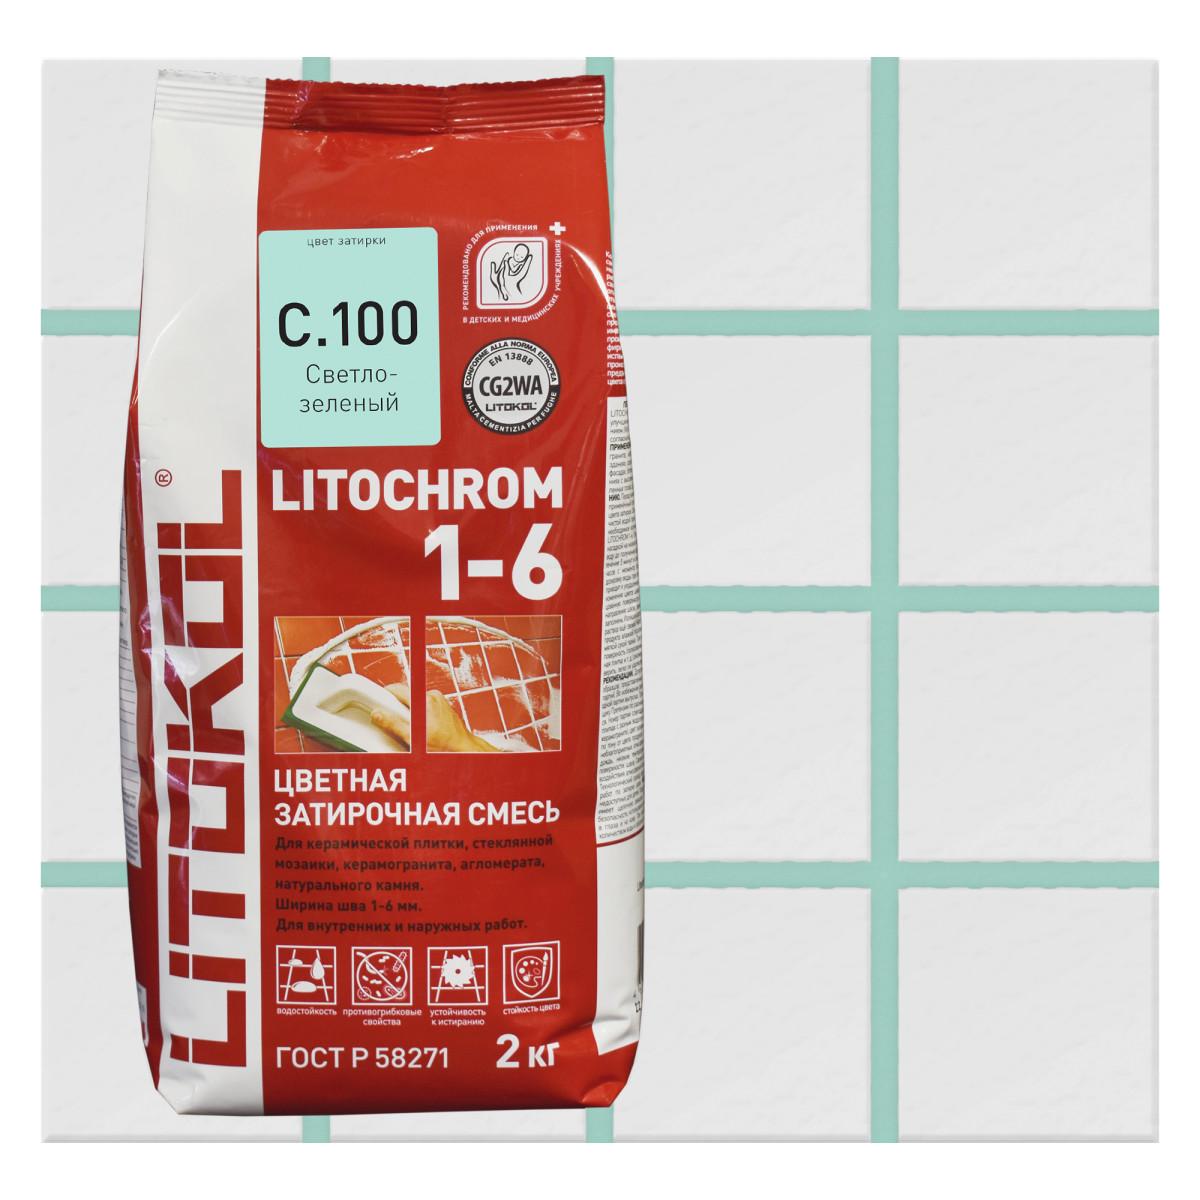 Затирка цементная Litochrom1-6 C.100 цвет светло-зеленый 2 кг